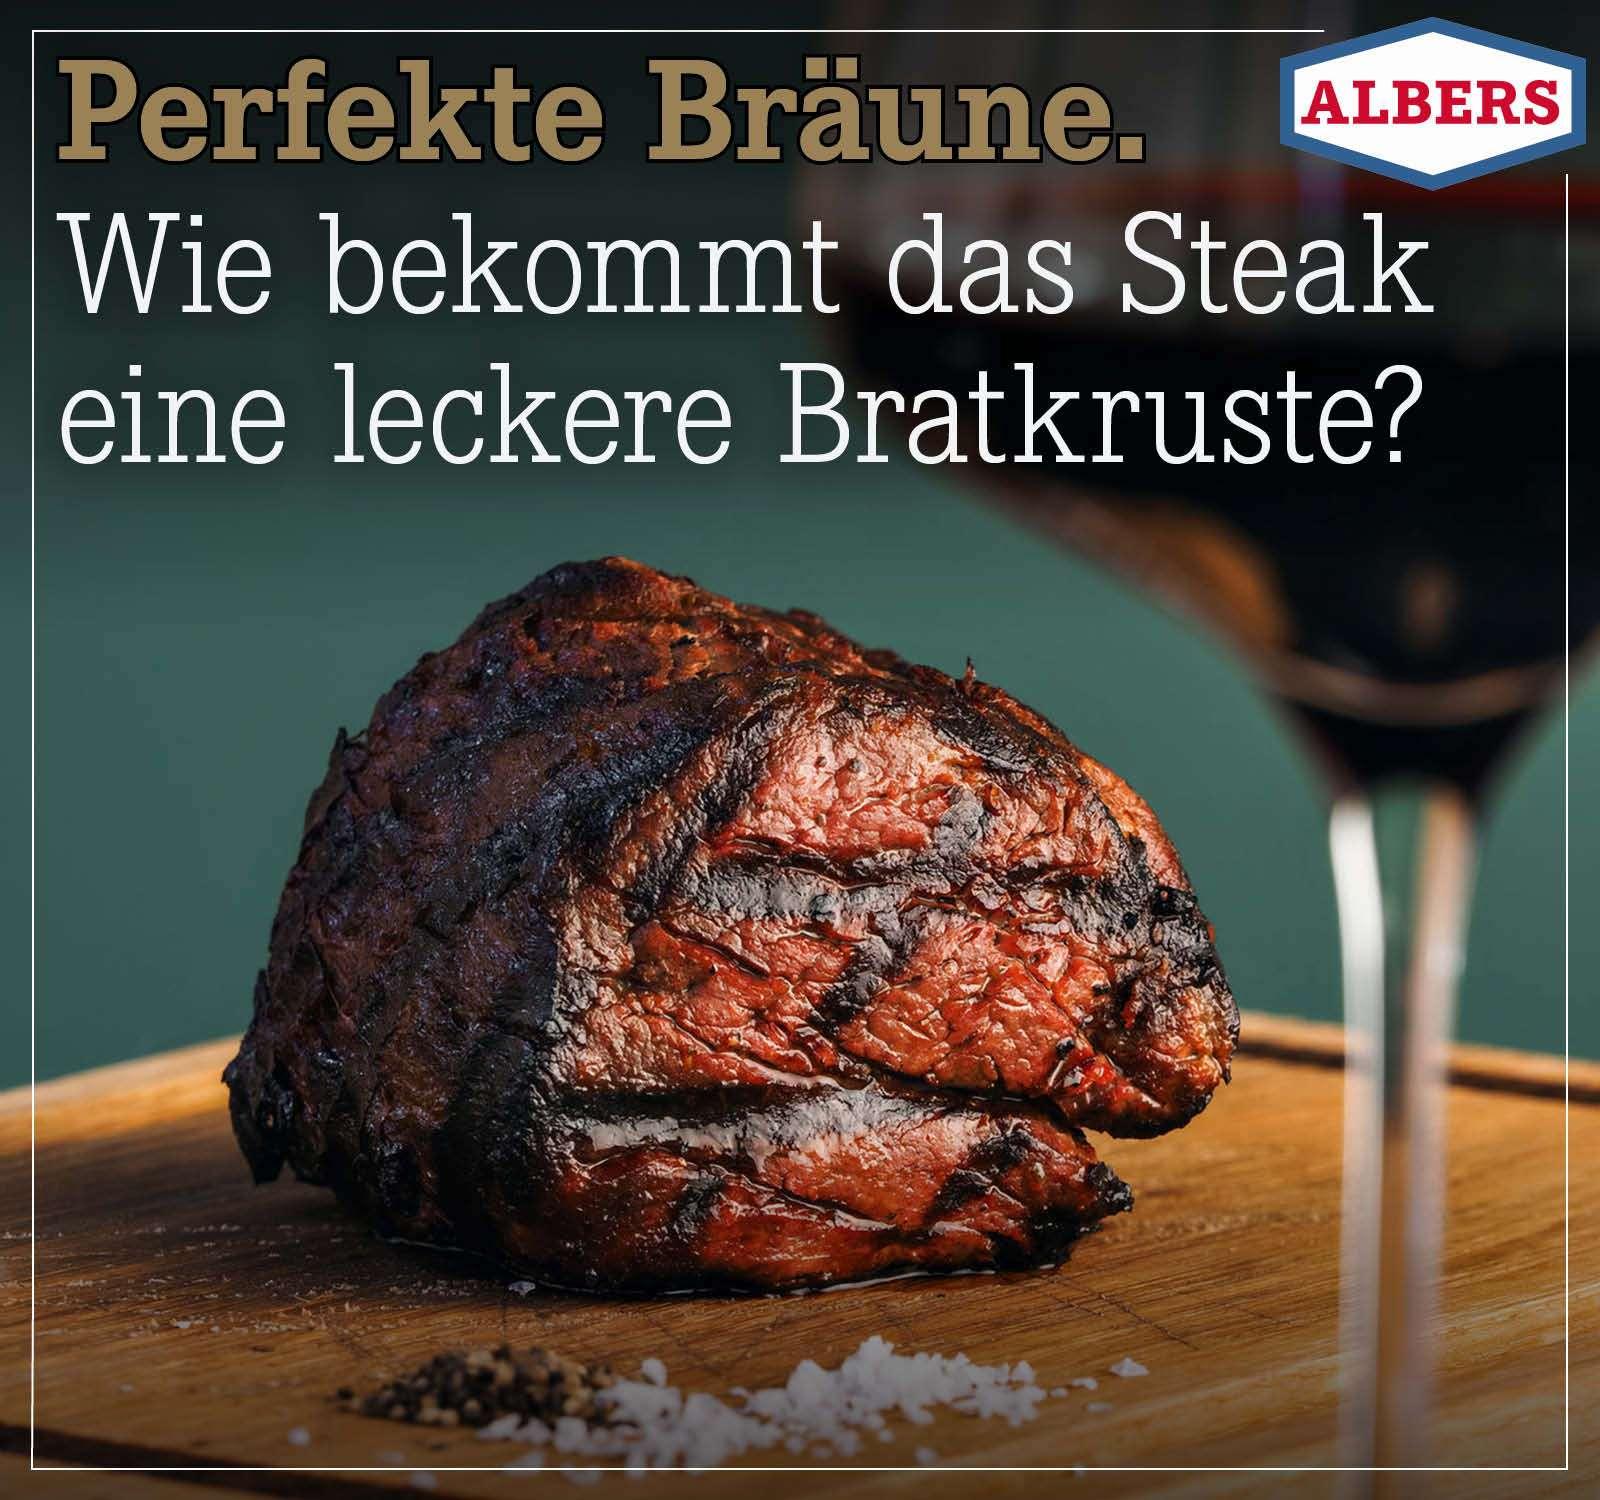 Perfekte Bräune. Wie bekommt das Steak eine leckere Bratkruste?